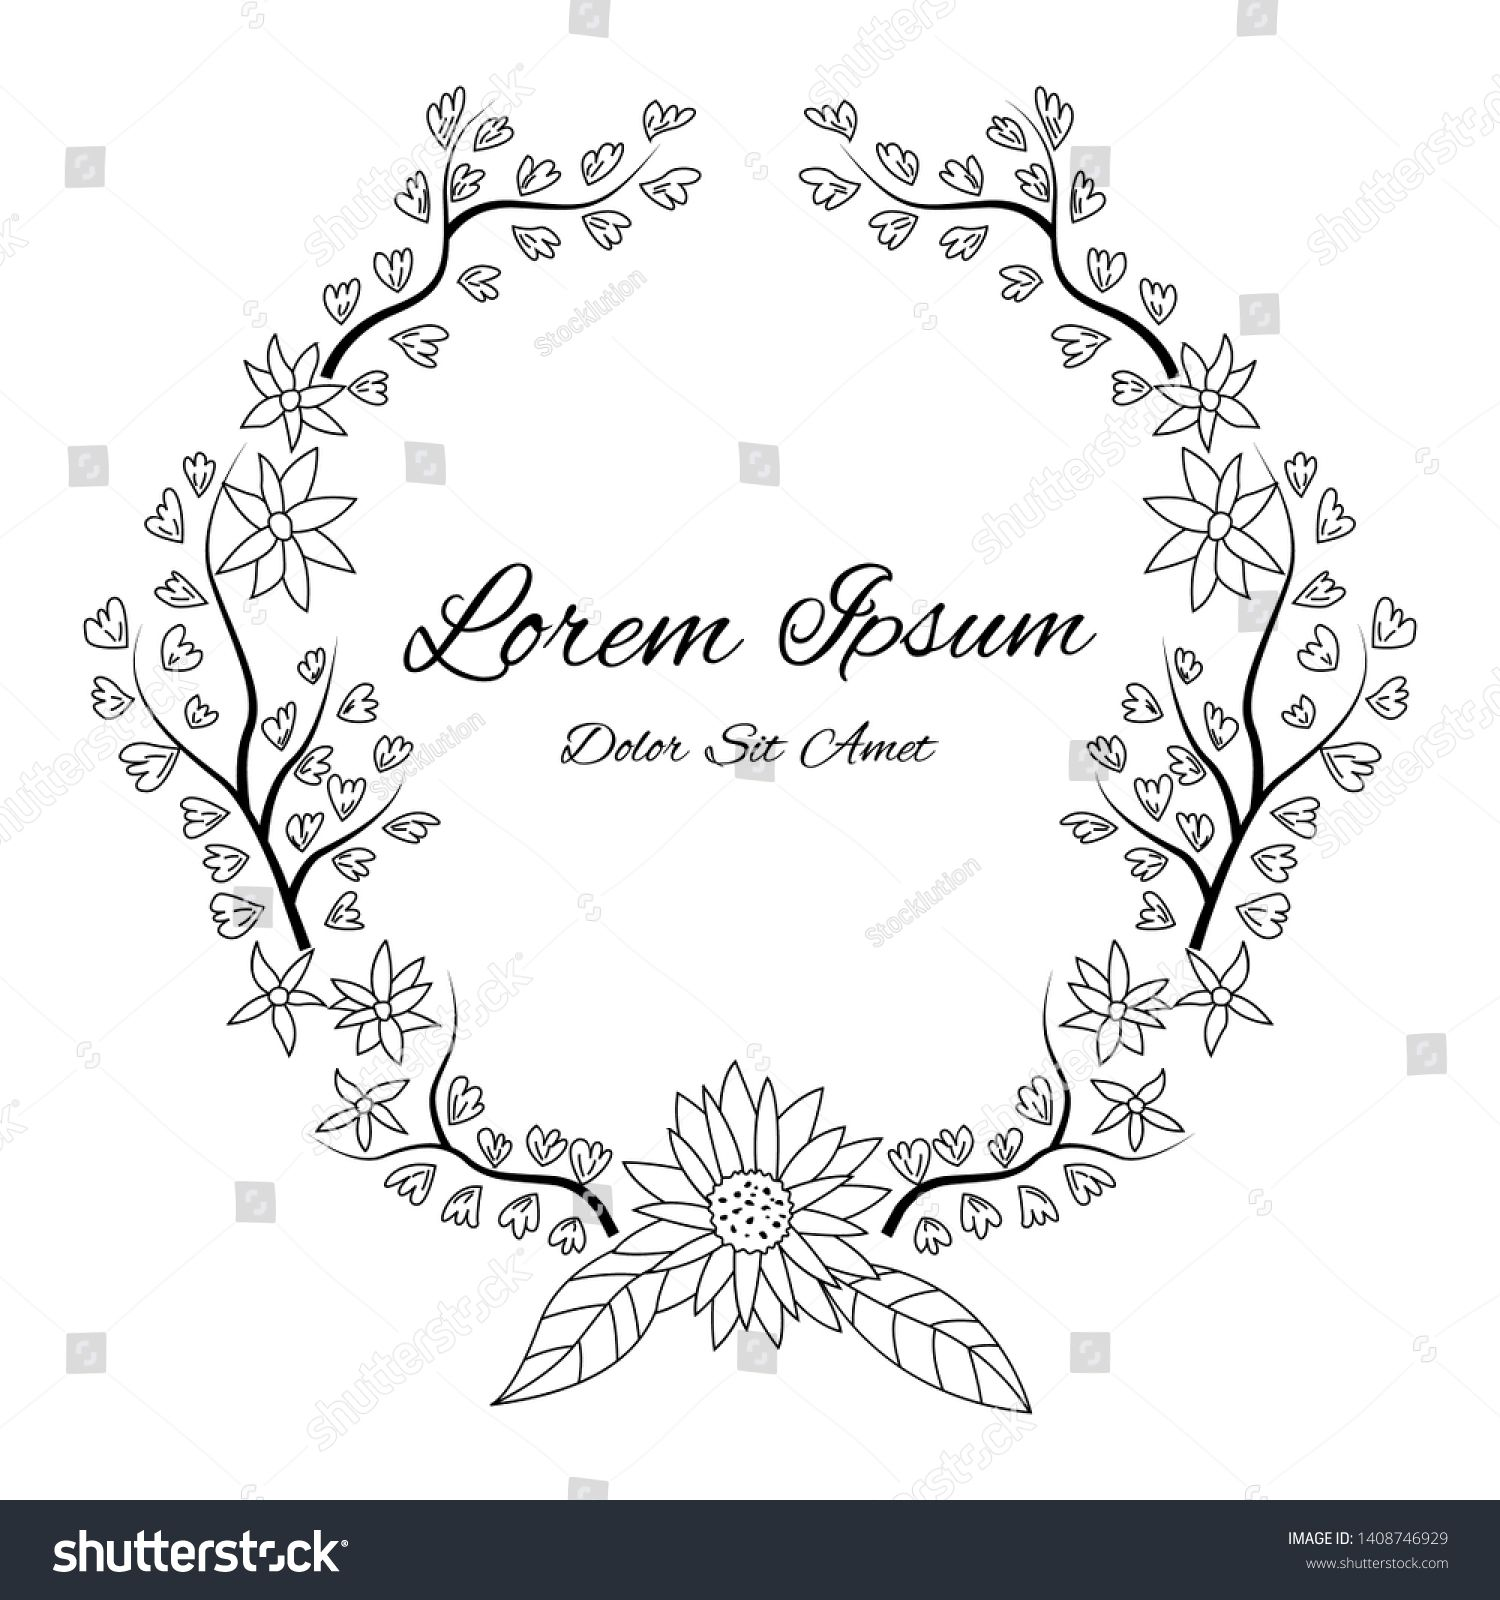 Vector Floral Frame Ornament Illustration Doodle Sketch Hand Drawn Design Style Ornament Frame Hand Drawn Design Floral